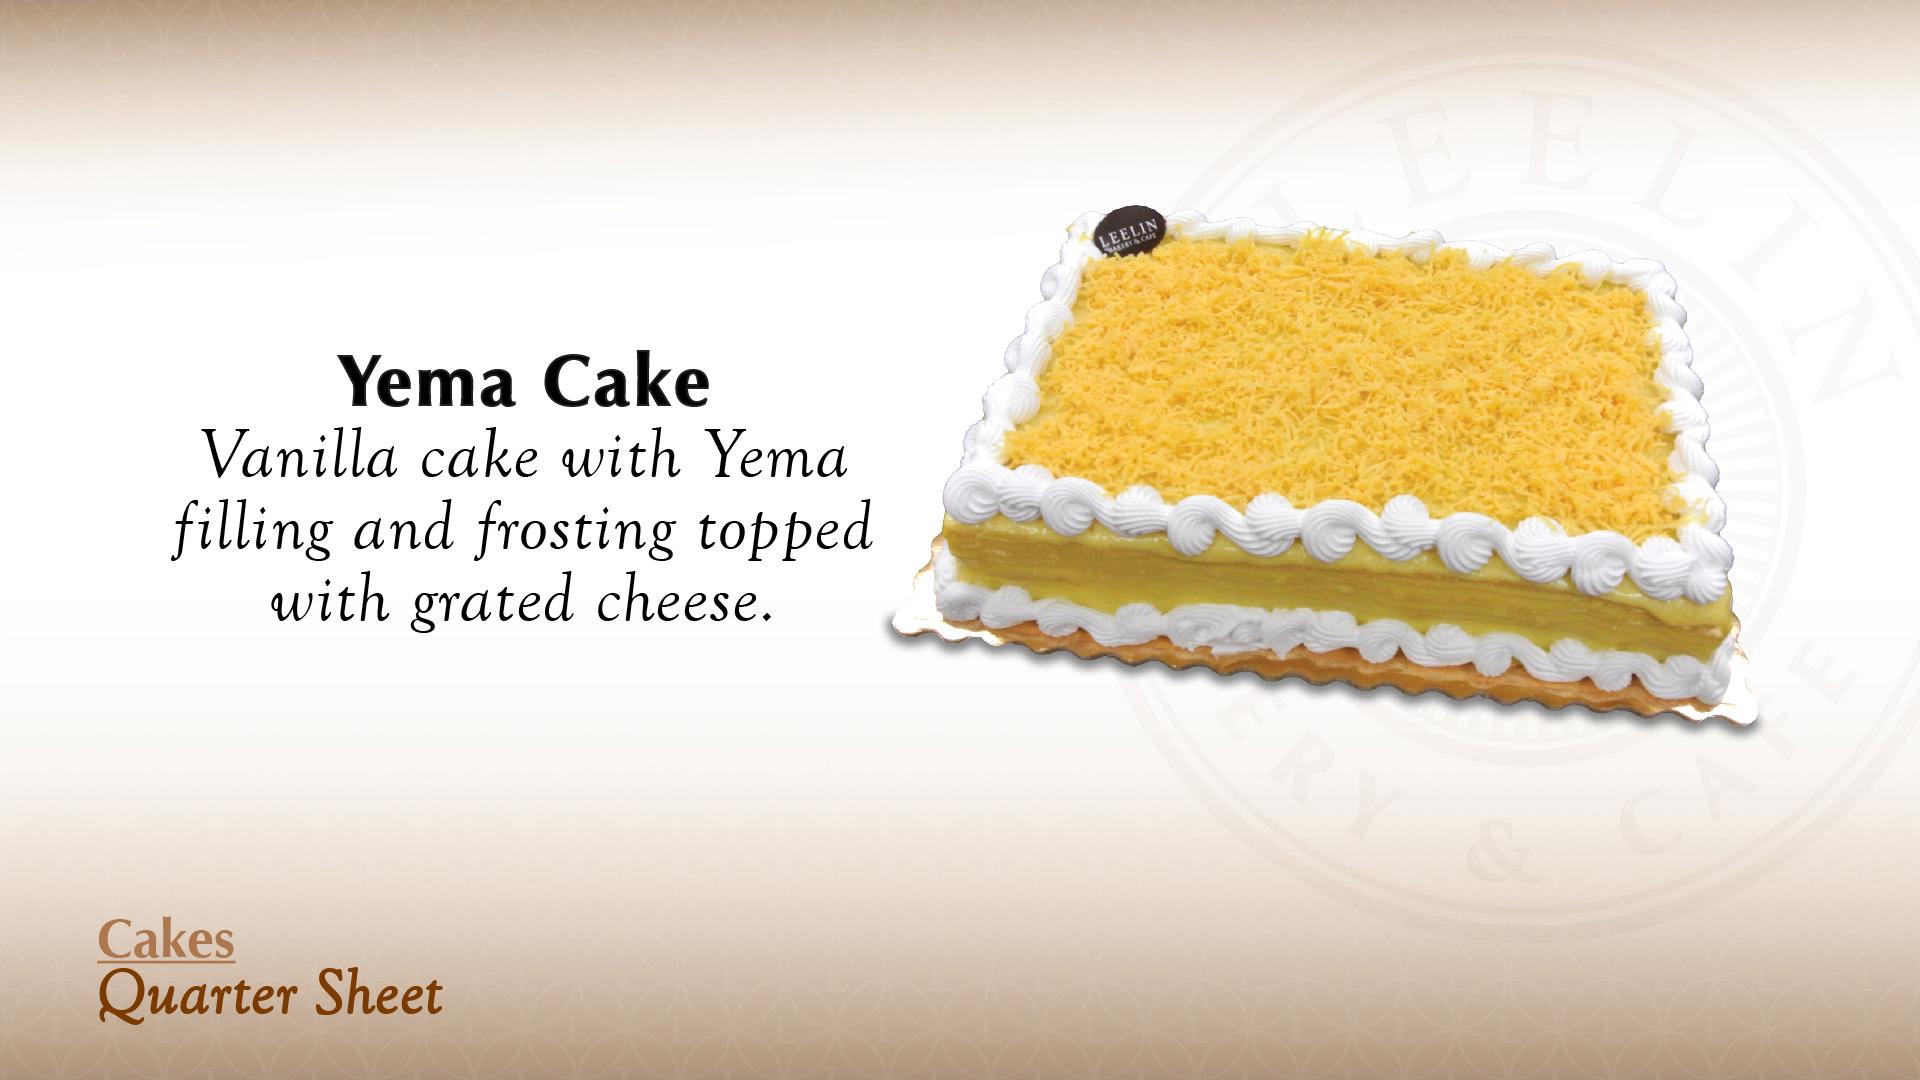 042 Yema Cake 1920x1080.jpg